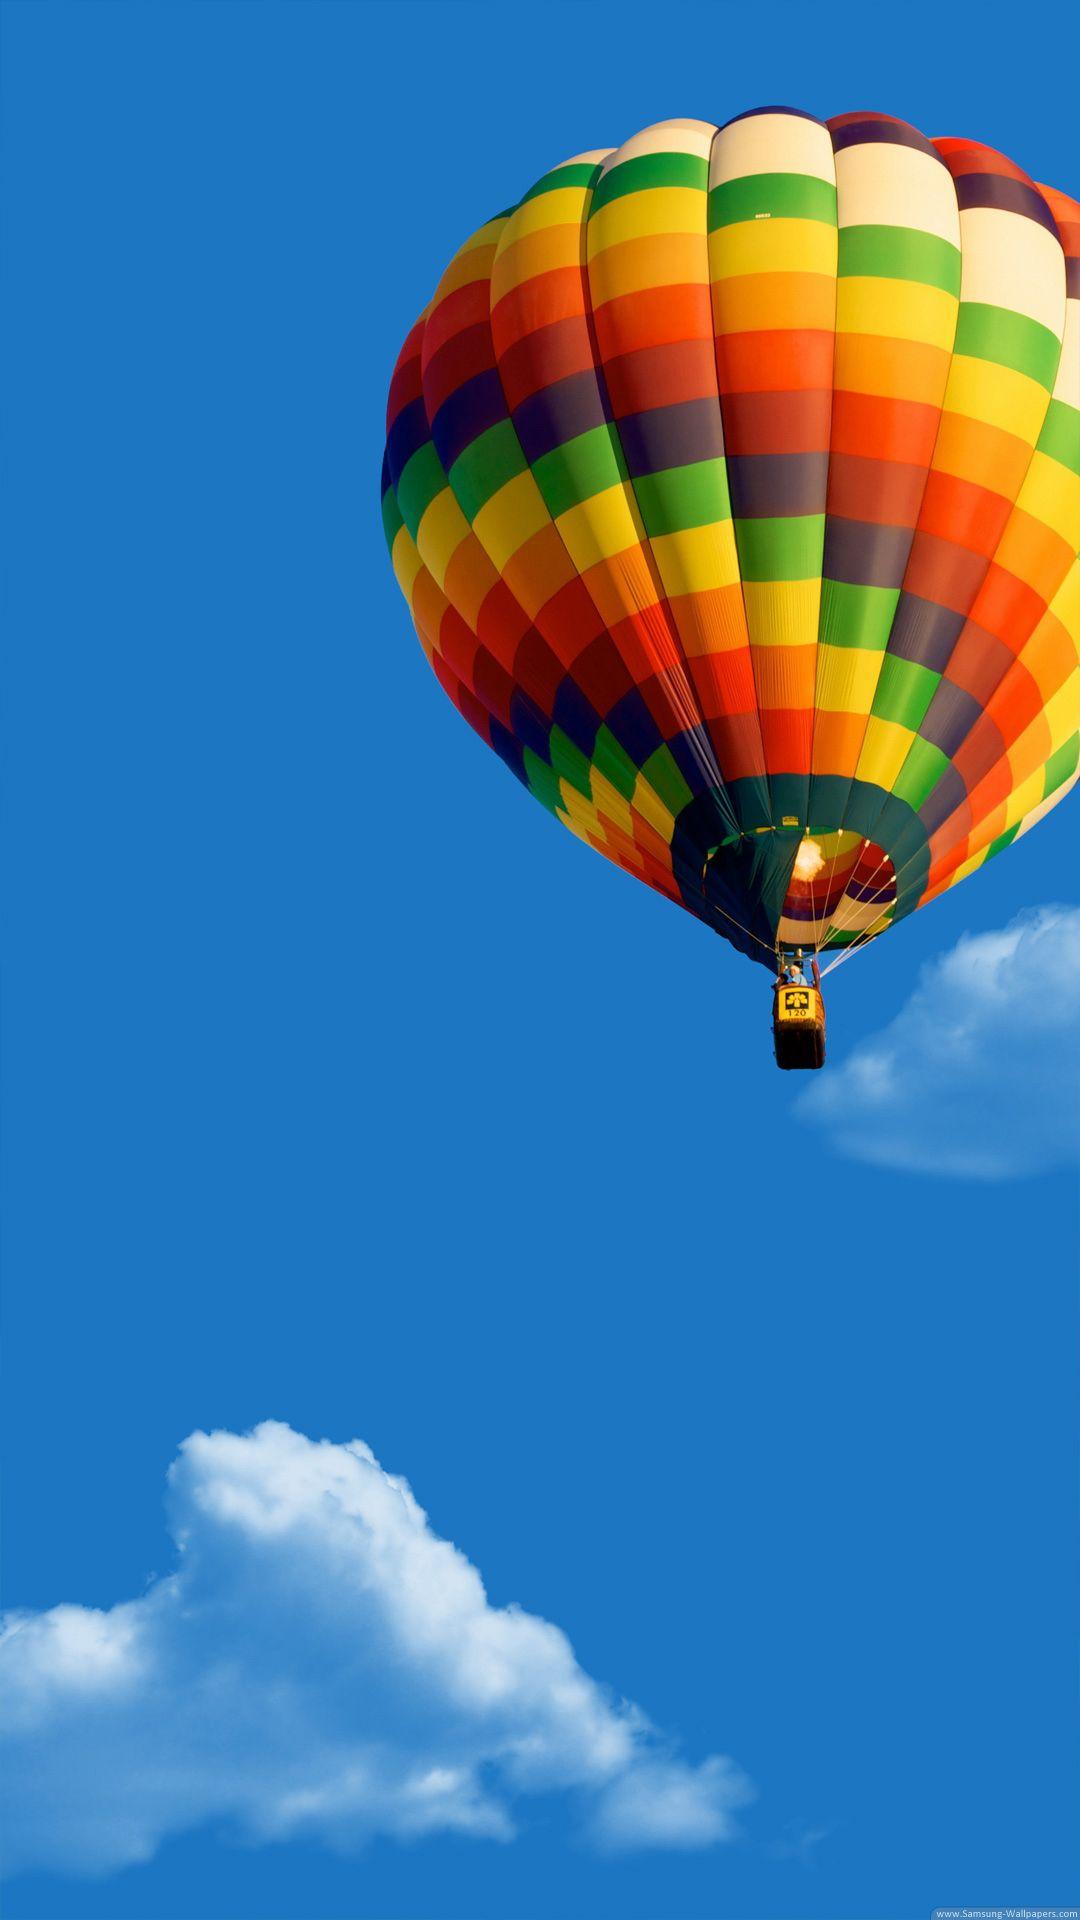 Color Hot Air Balloon Lock Screen In 2019 Air Balloon